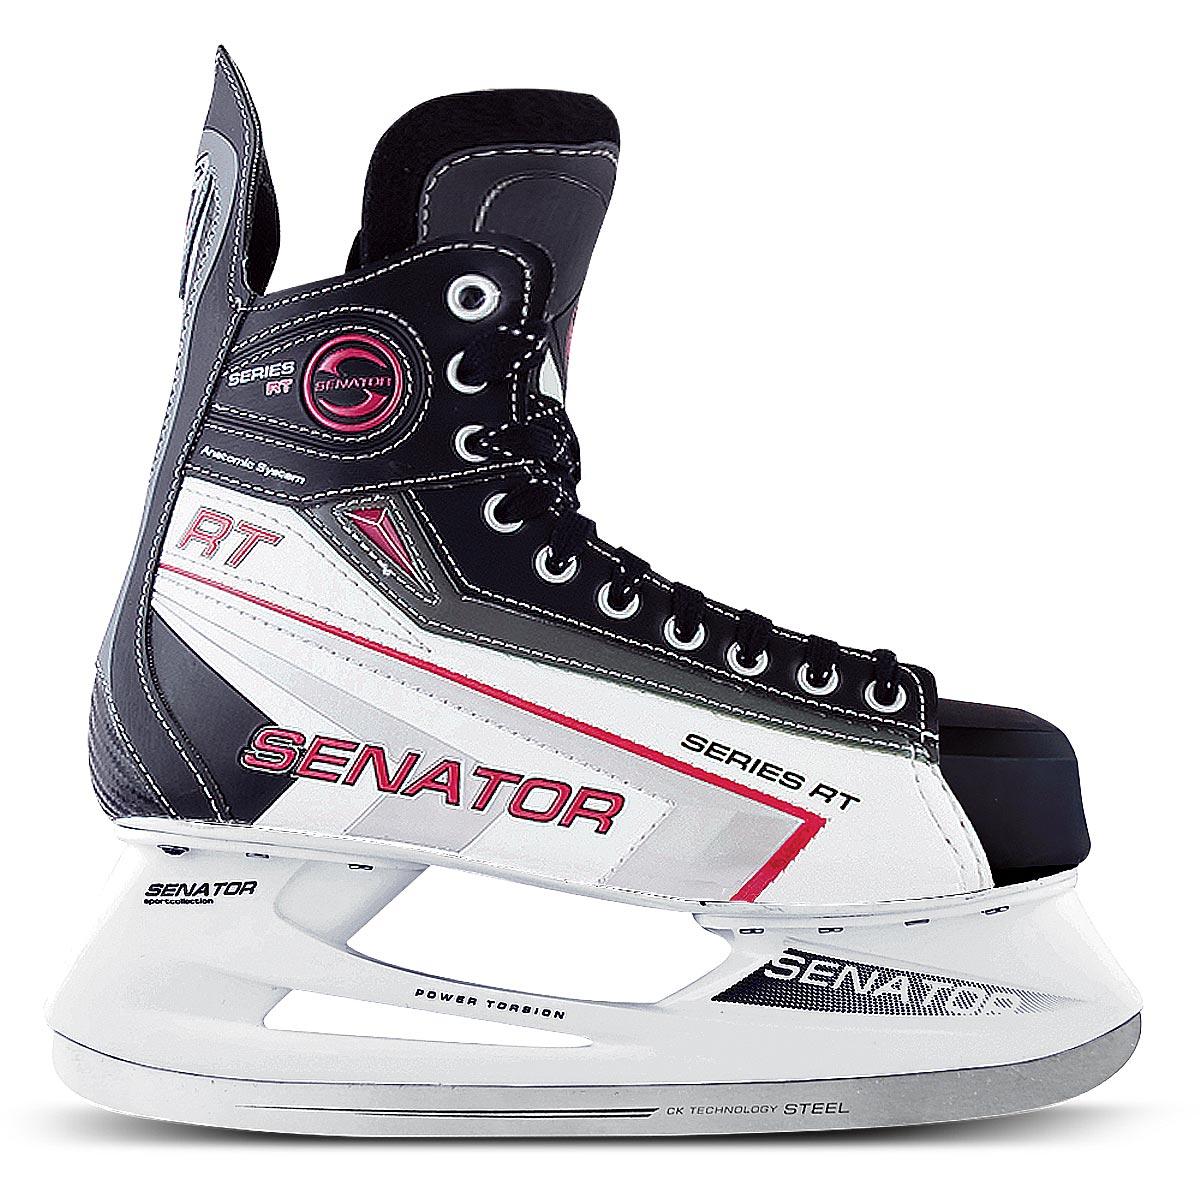 Коньки хоккейные мужские СК Senator RT, цвет: черный, белый. Размер 45